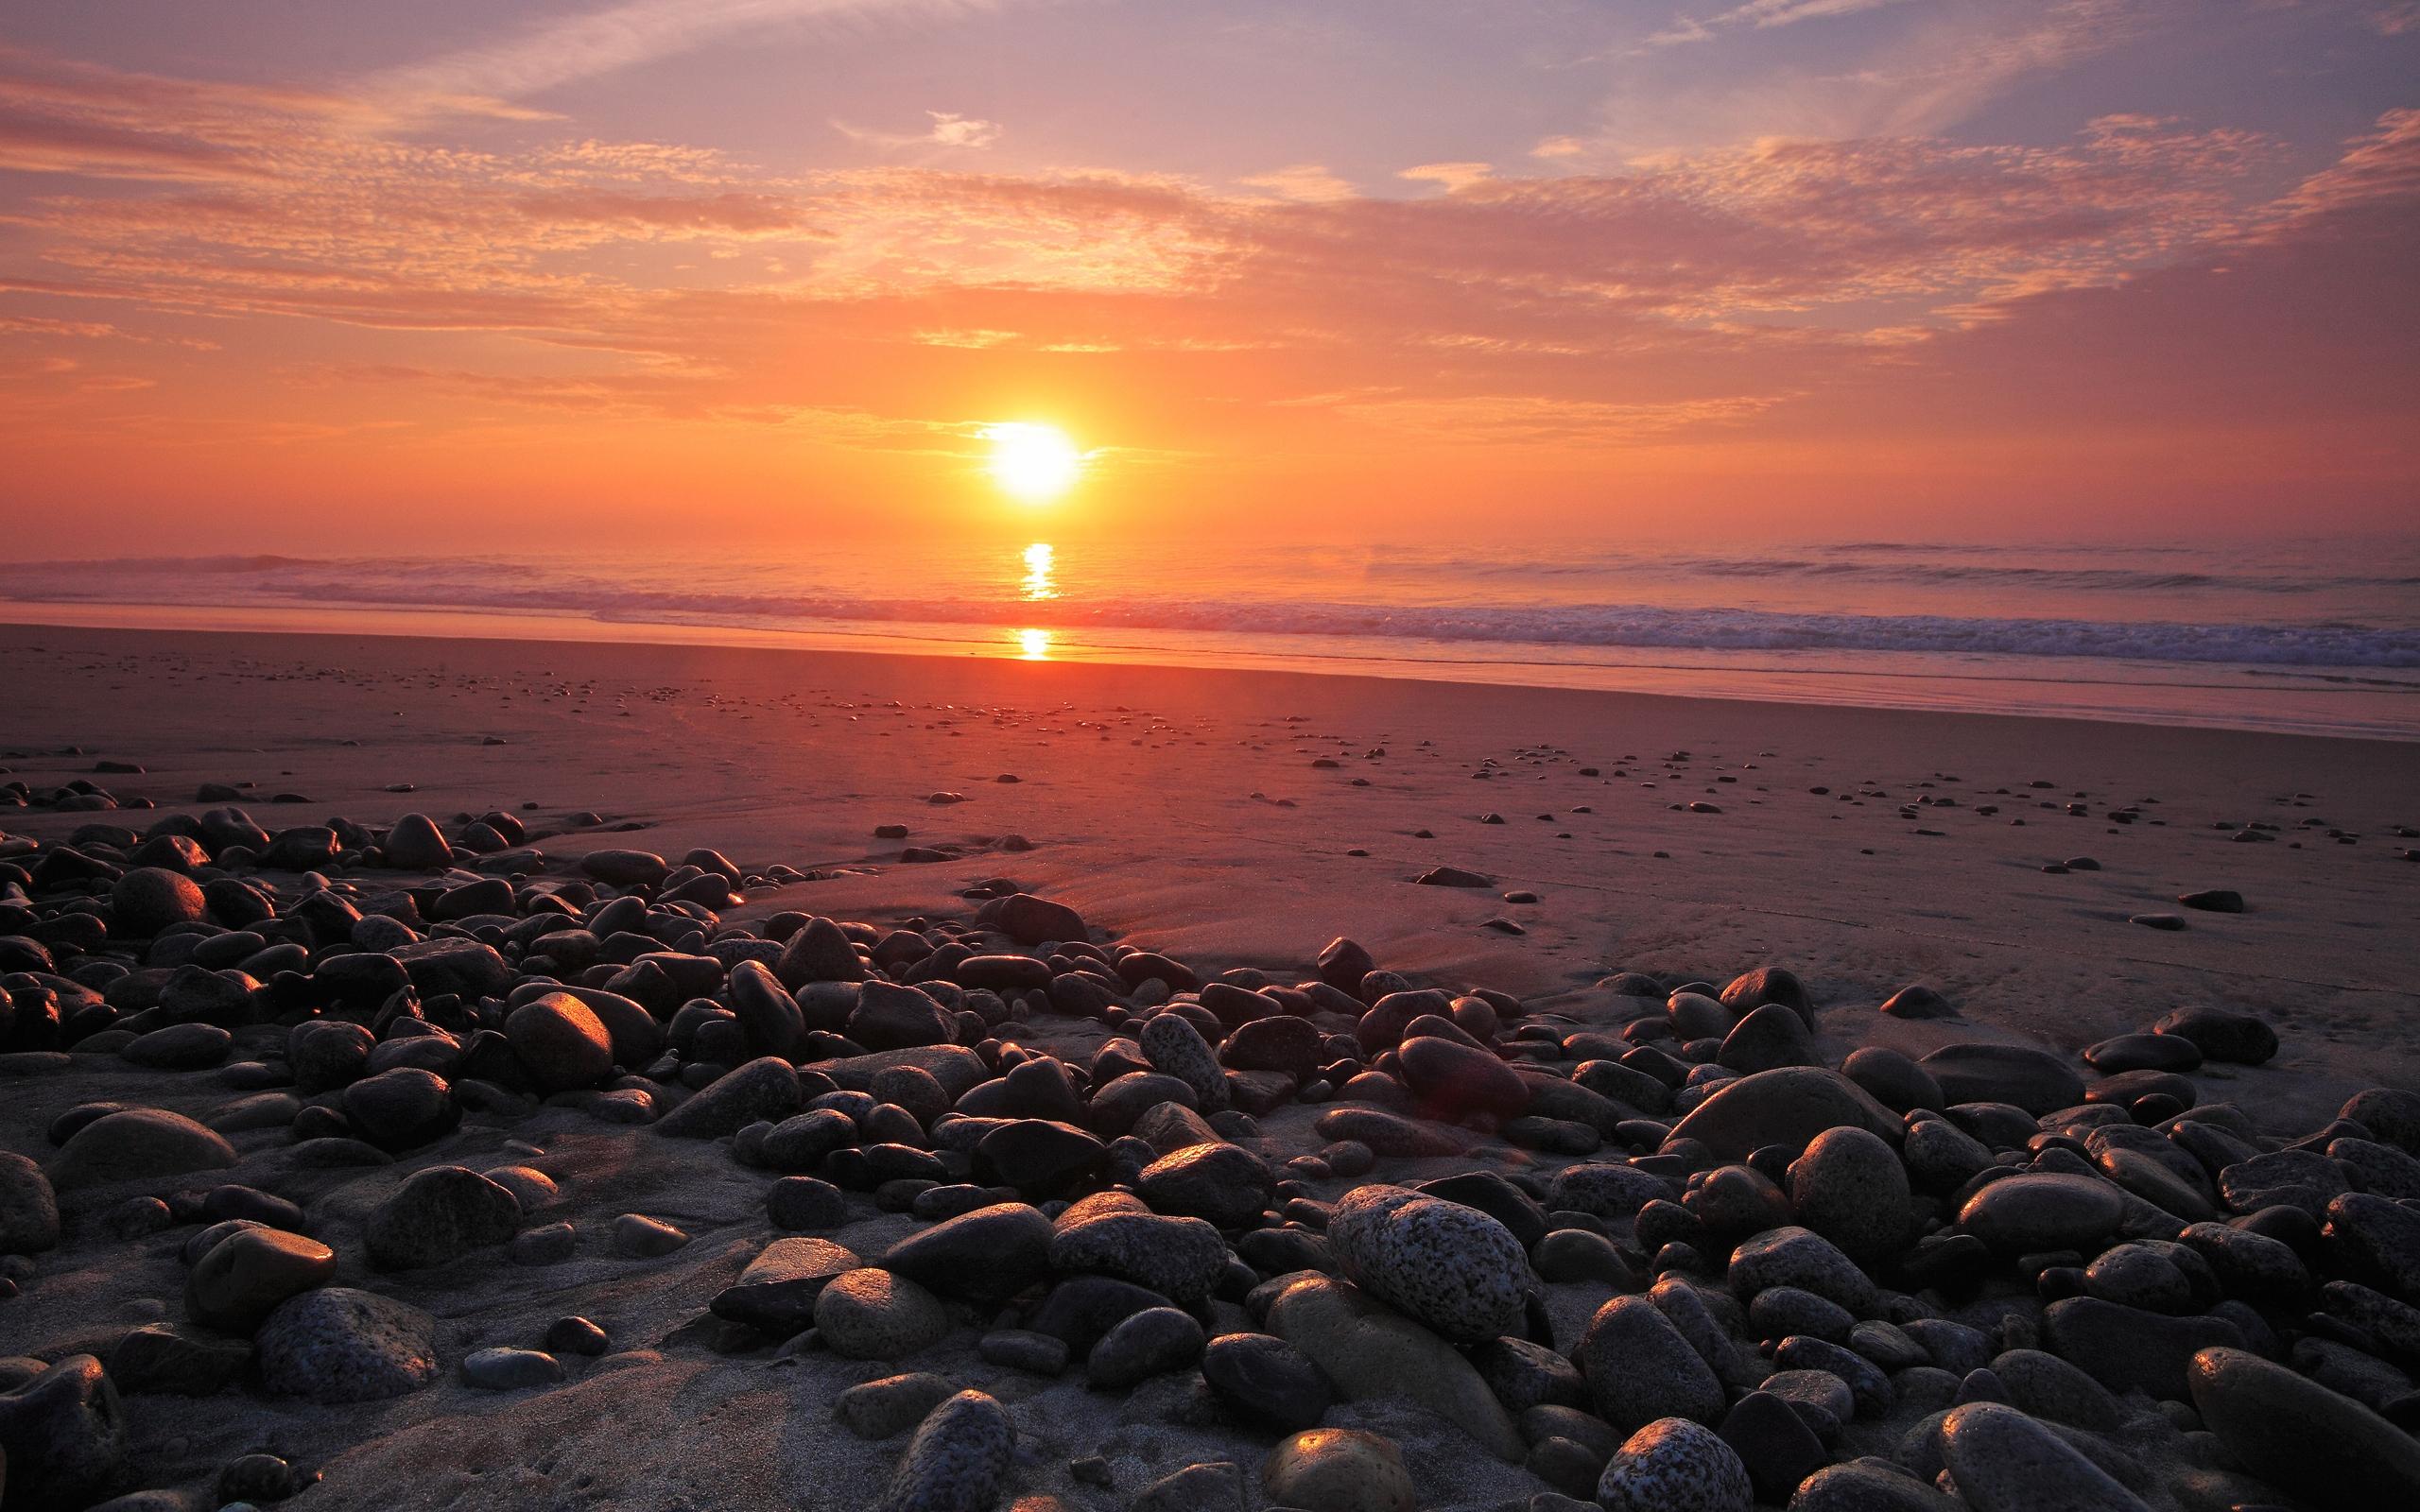 морской пляж на закате бесплатно